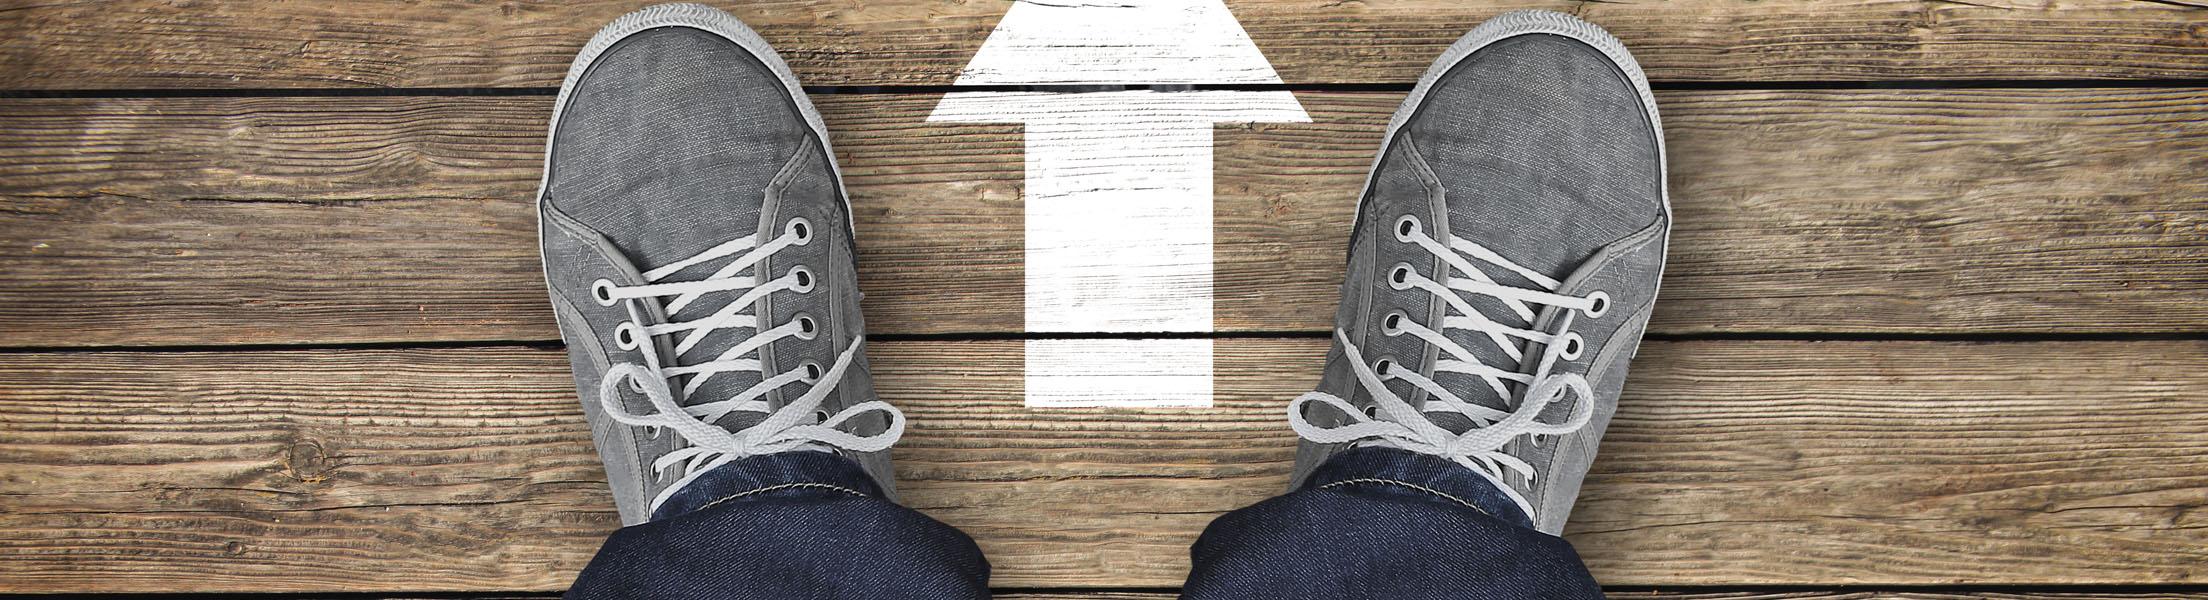 2 Füße in grauen Turnschuhen, die auf Holzboden stehen. Vor ihnen ein Pfeil Richtung Zukunft.